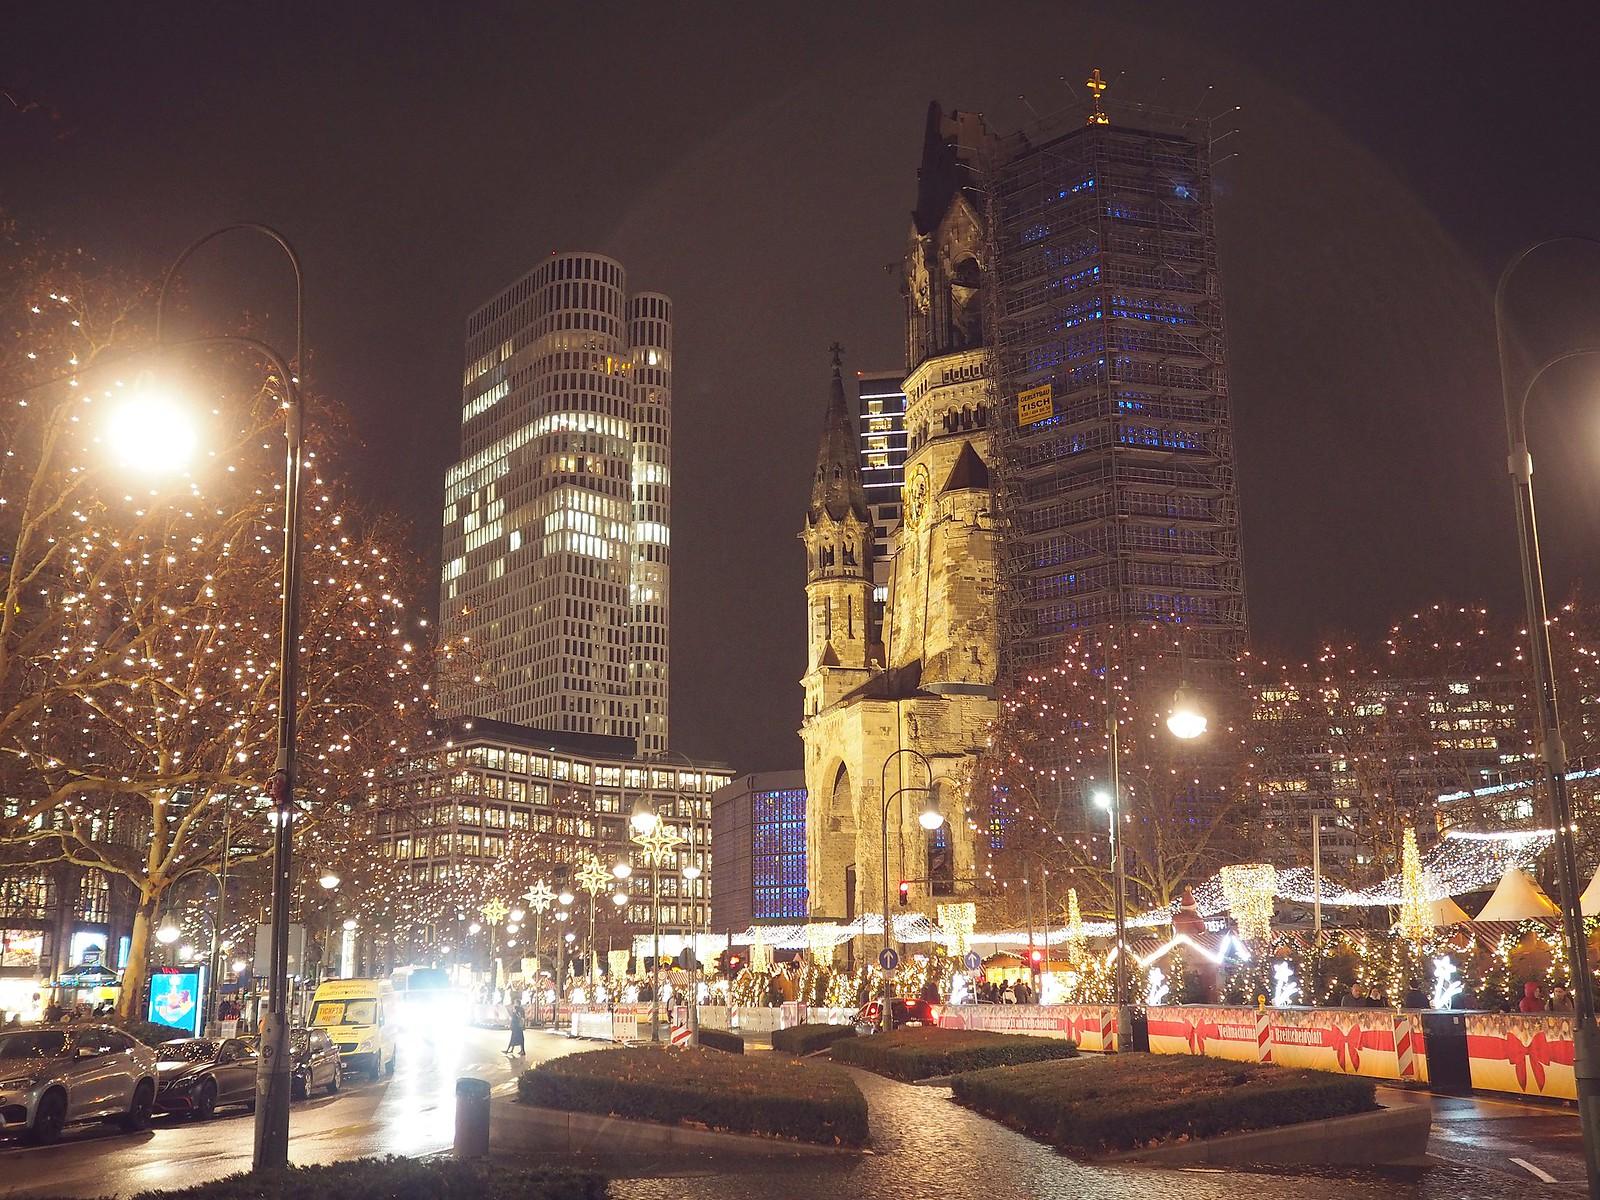 Breitscheidplatz christmasmarket berlin